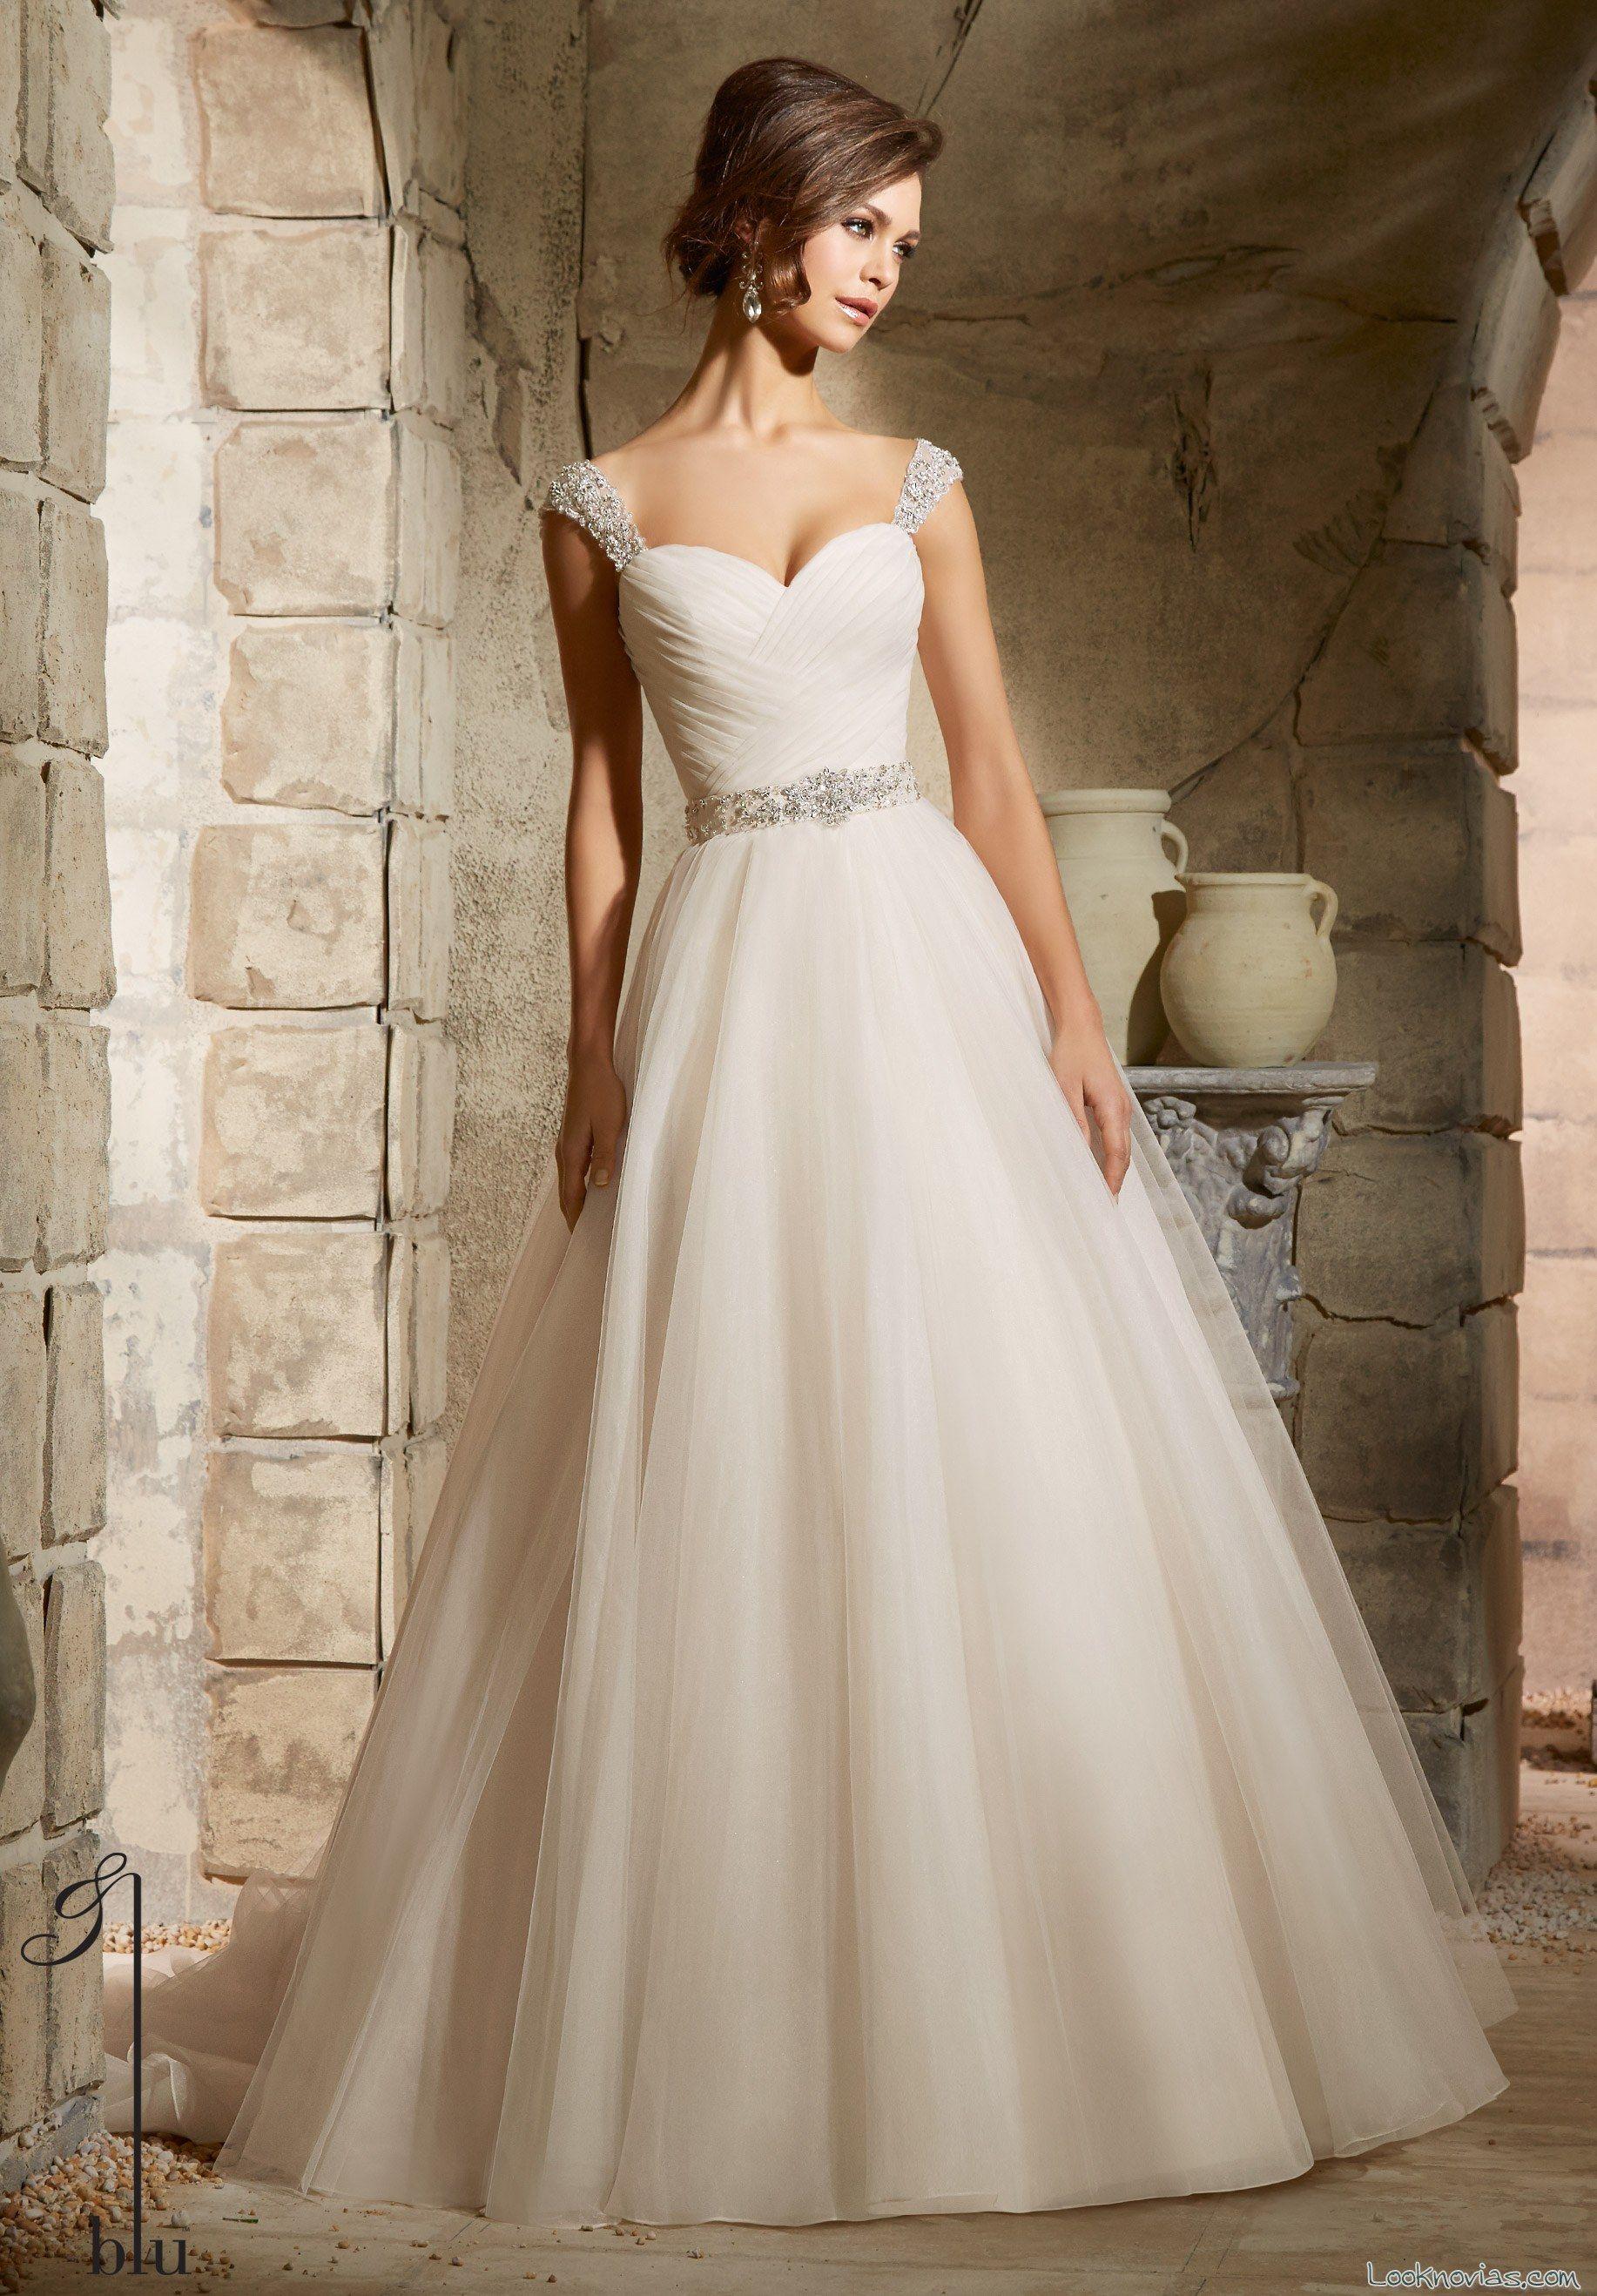 vestido con falda de corte evasé para novias 2015 | vestidos ...